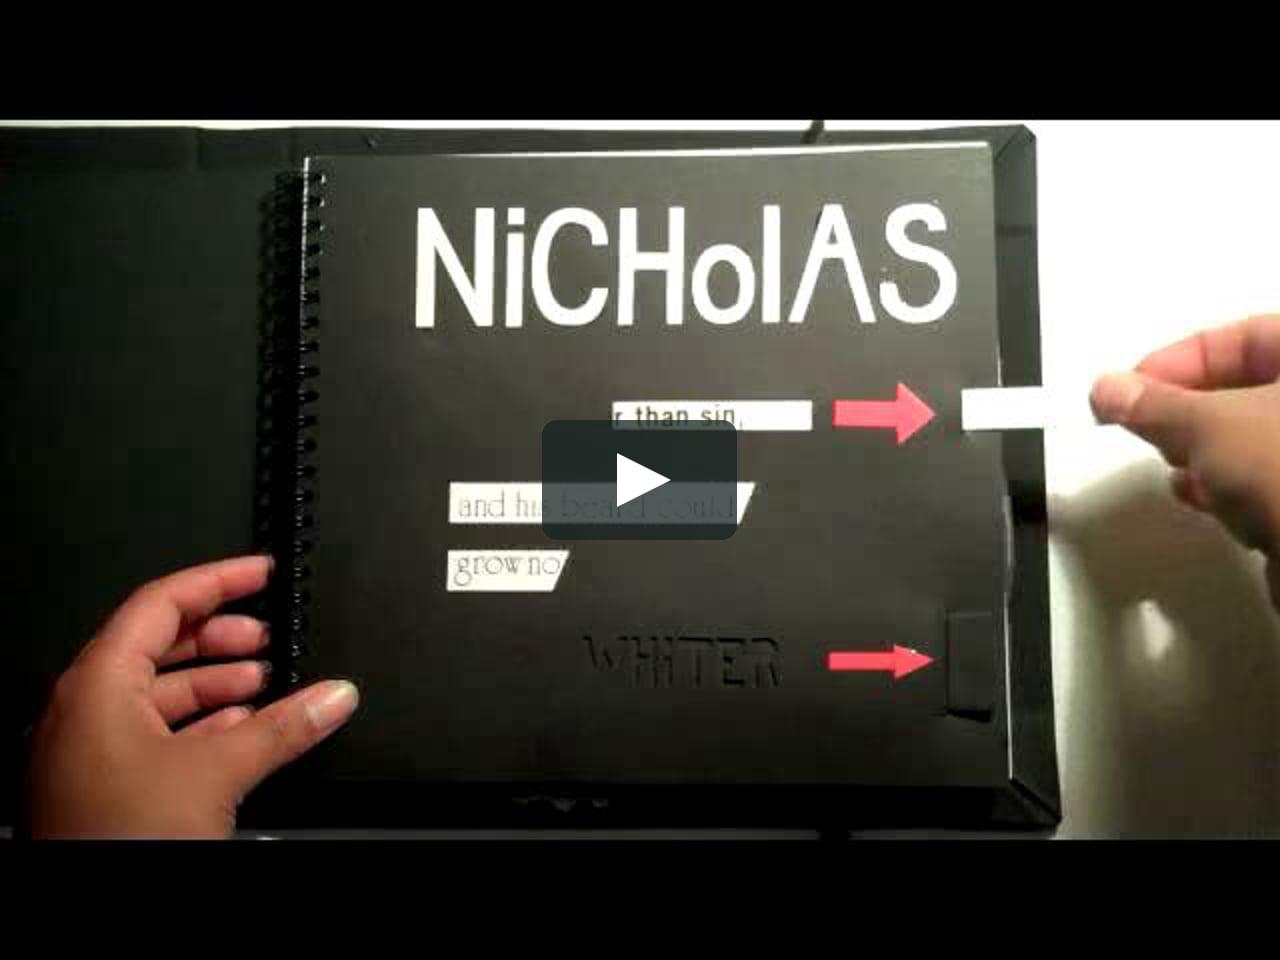 Papercraft Nicholas Was...